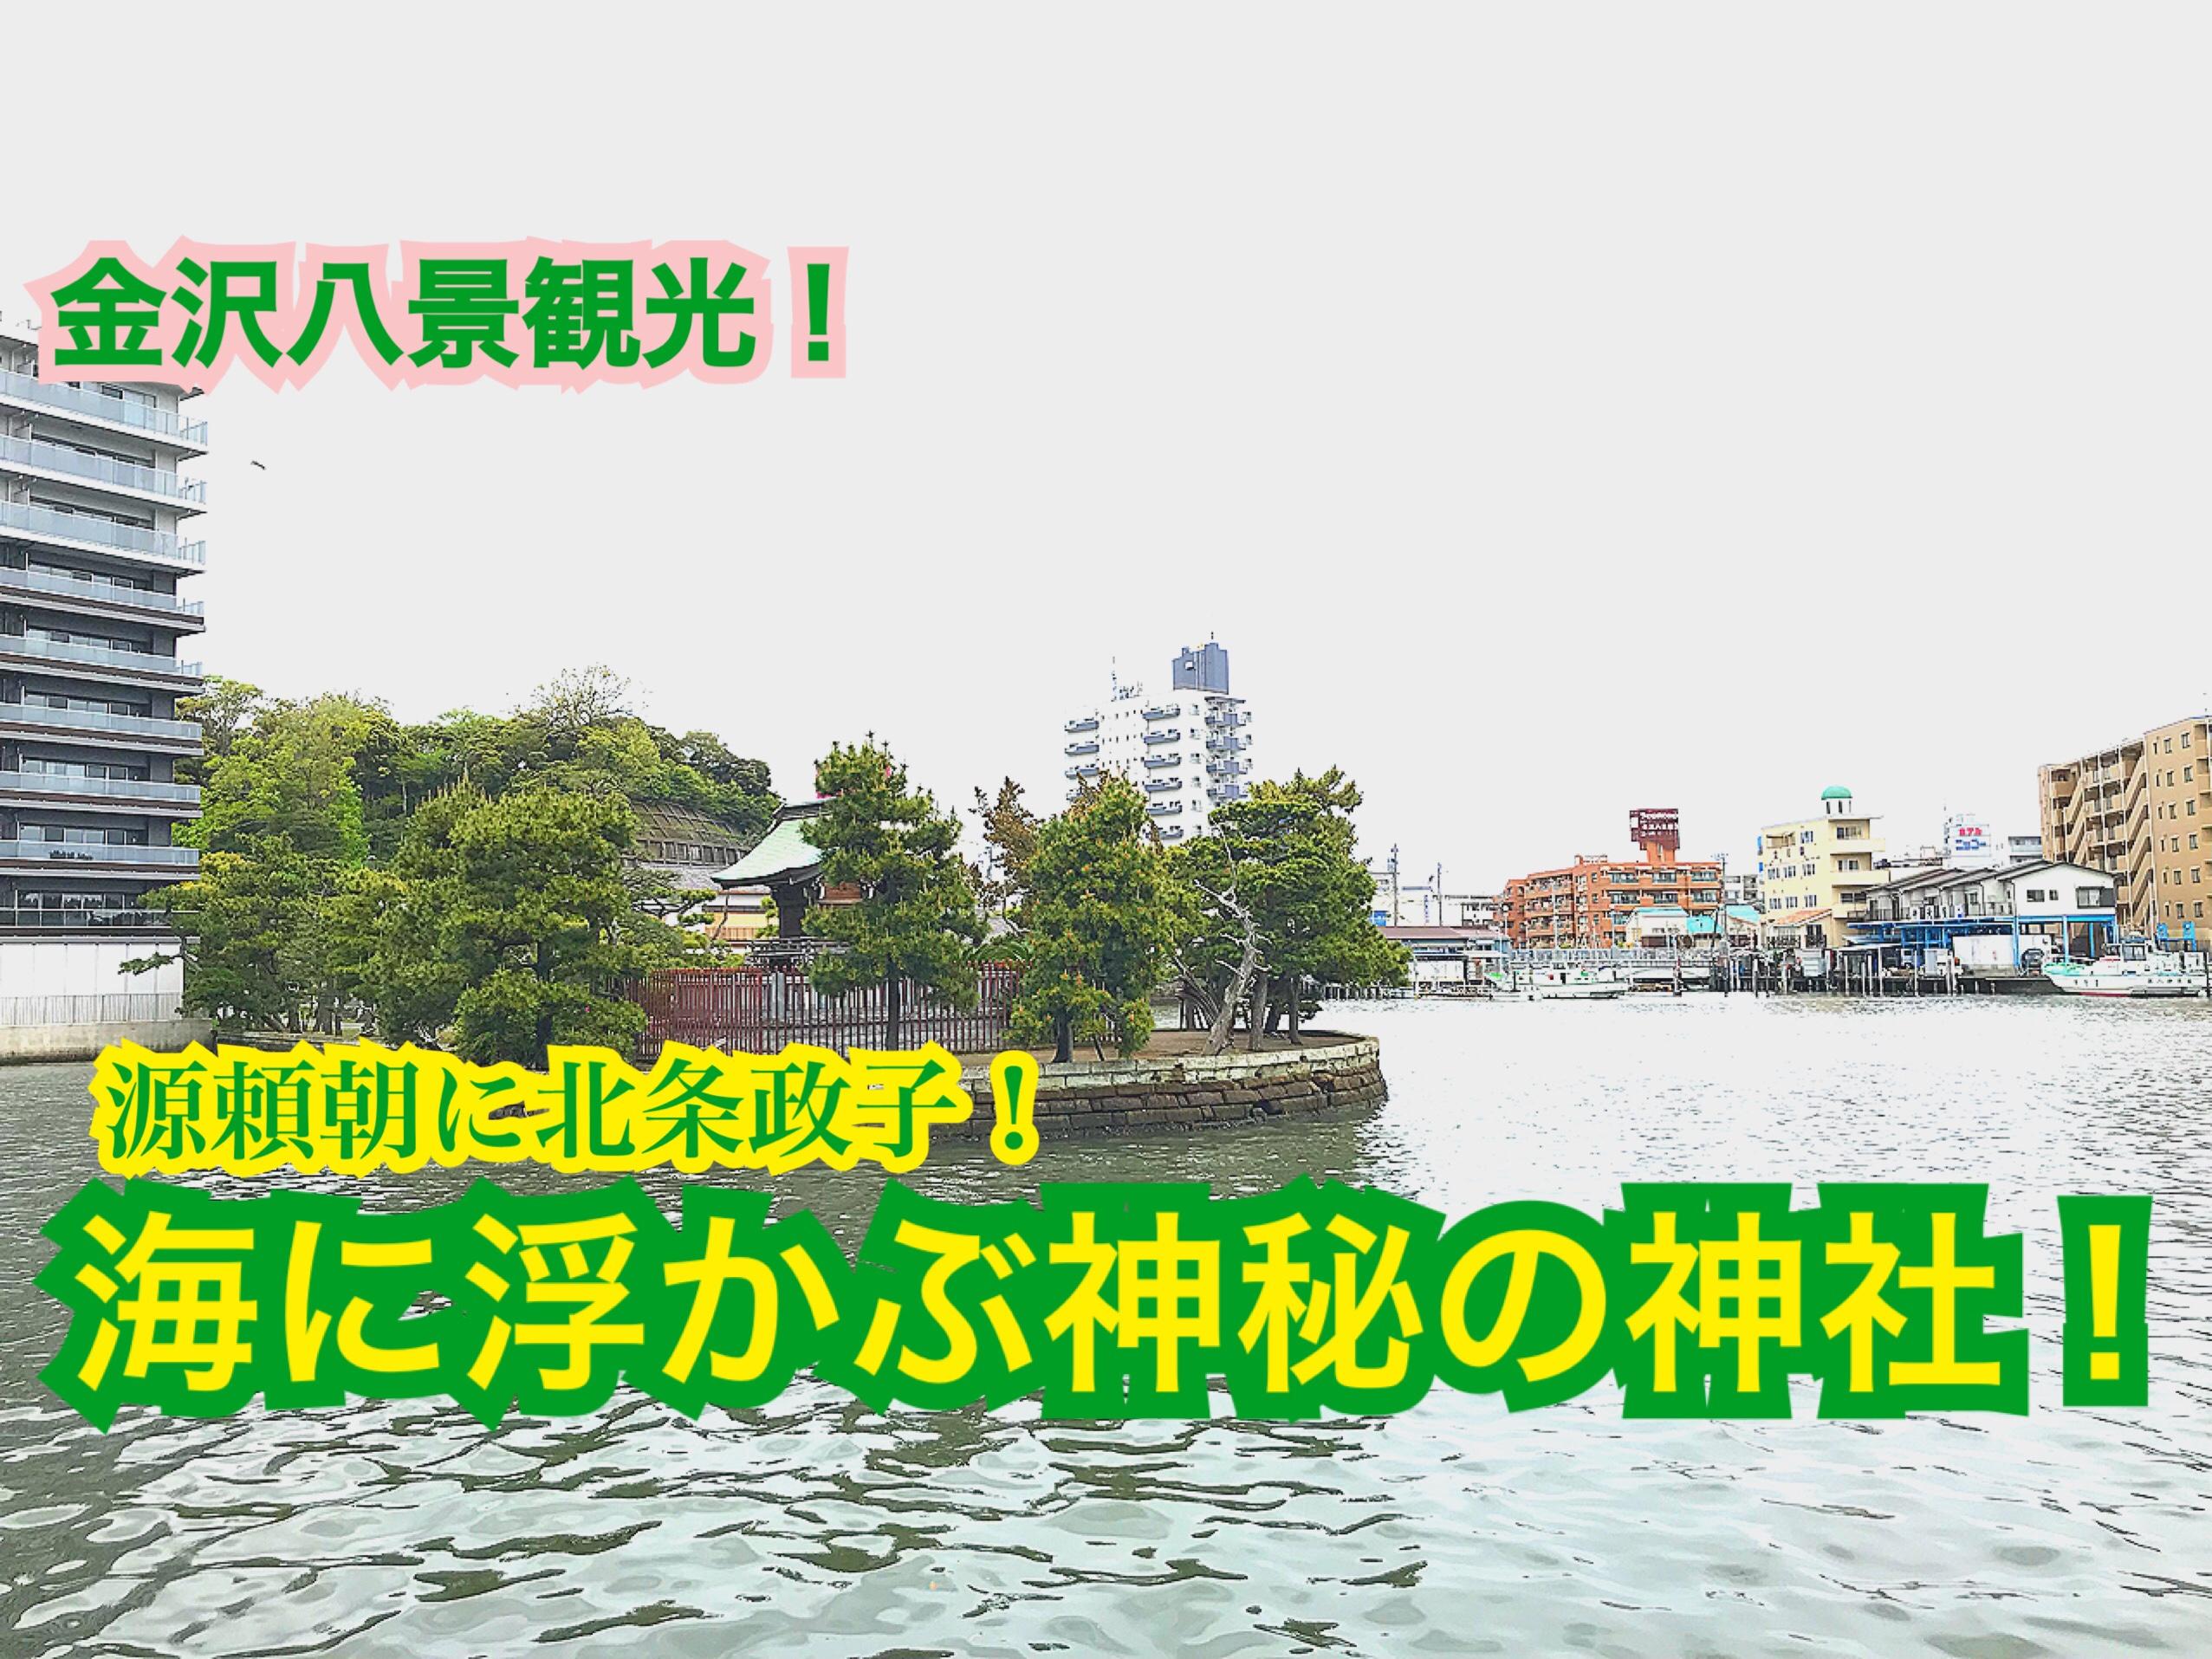 金沢八景観光!海に浮かぶ神社は神秘的!【GW令和シーサイドライン】